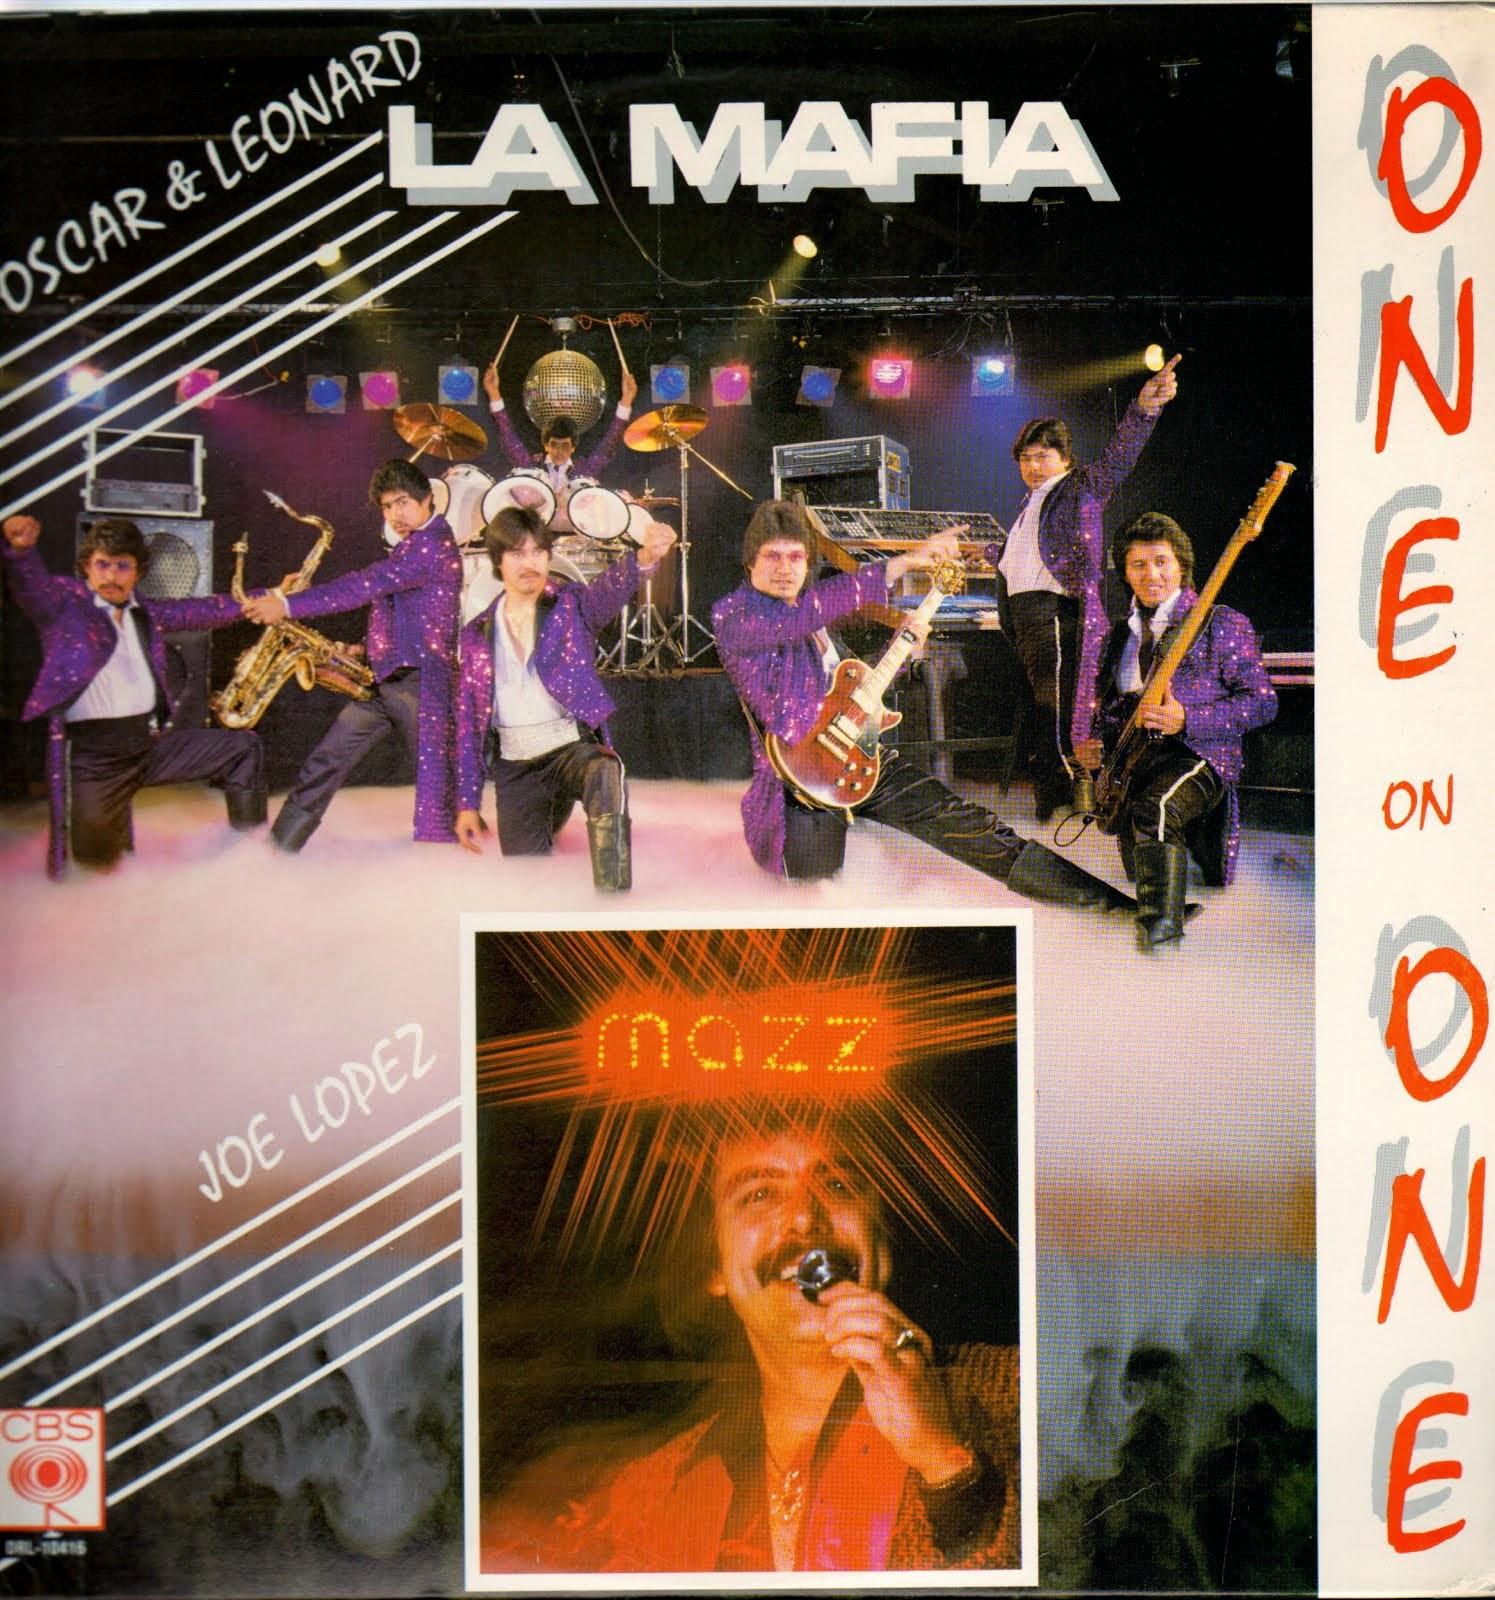 LA MAFIA - ONE ONE